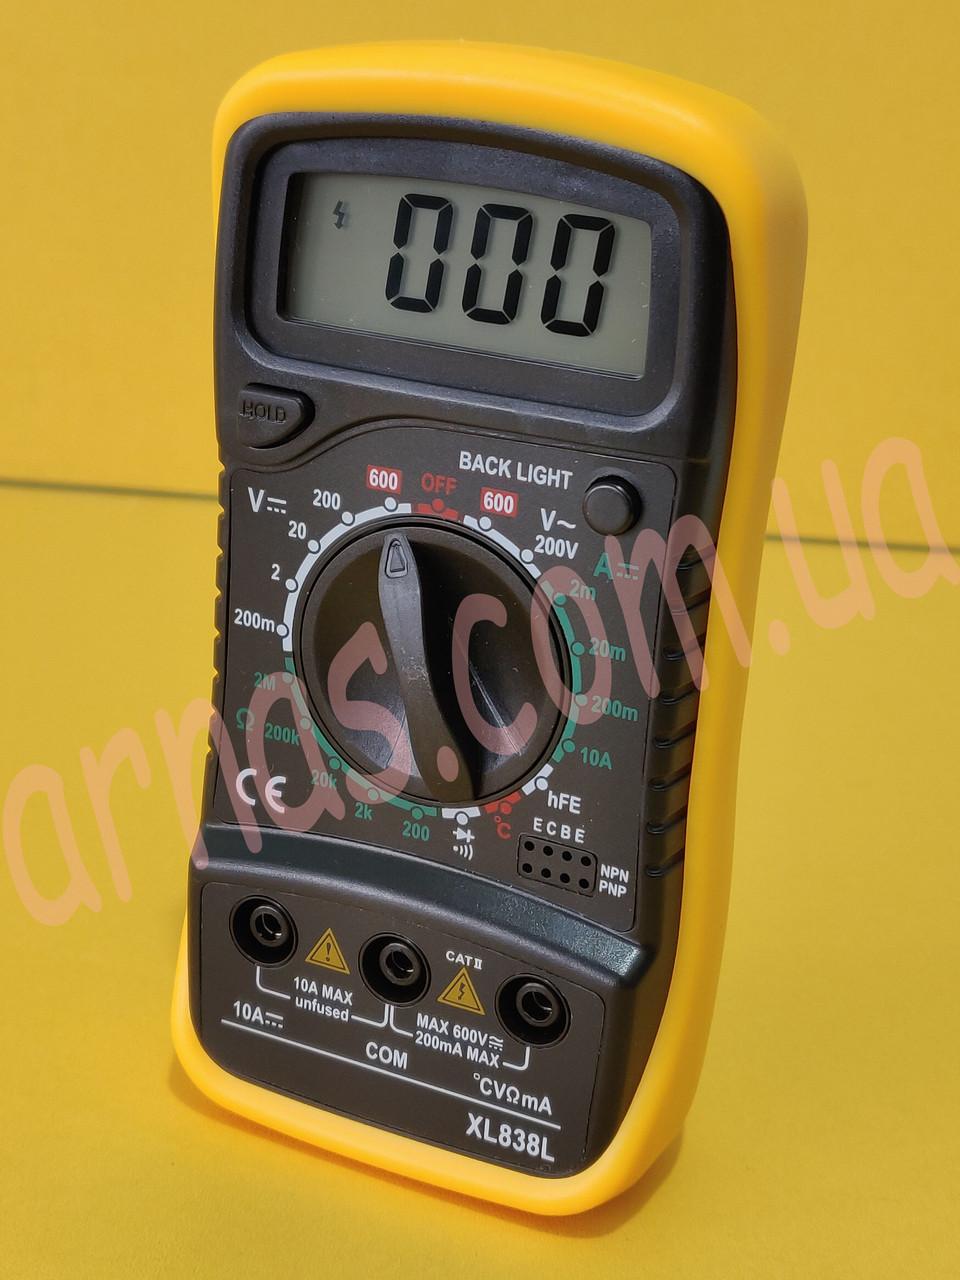 Мультиметр (тестер) XL838L цифровий